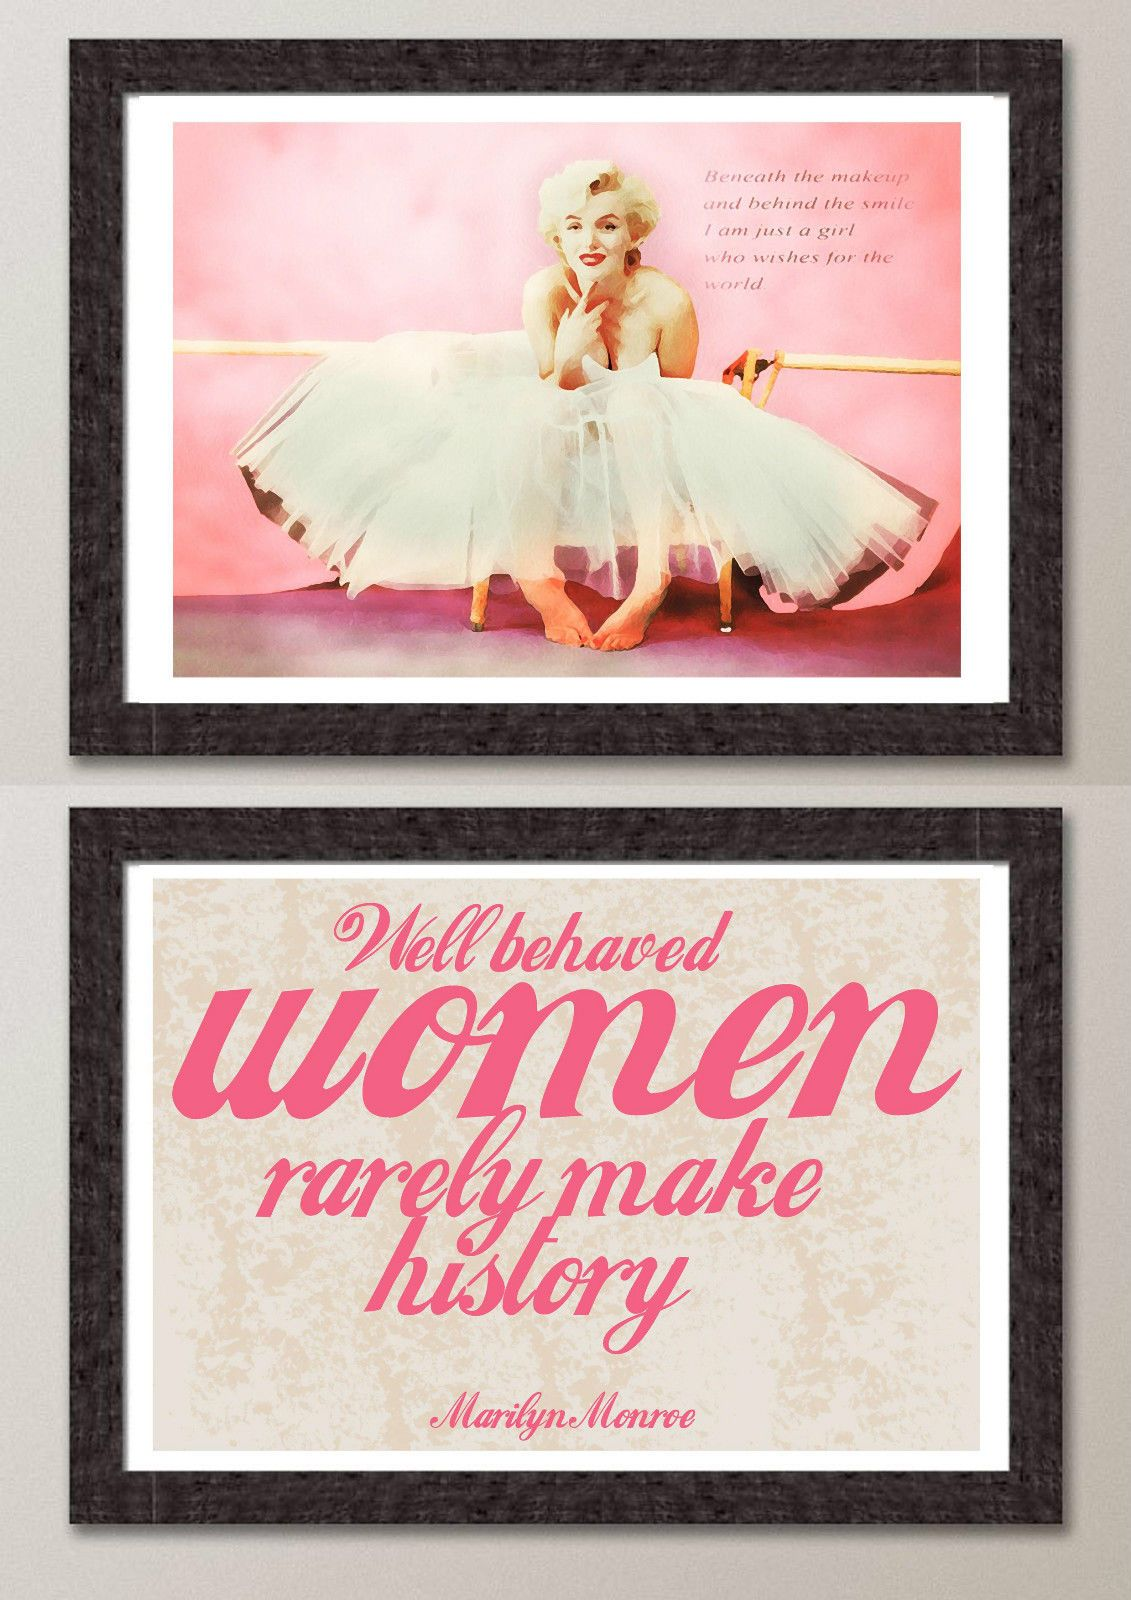 Marilyn Monroe Stuff For Bedroom 2 Vintage Pink Marilyn Monroe Pop Art Modern Print Poster Wall